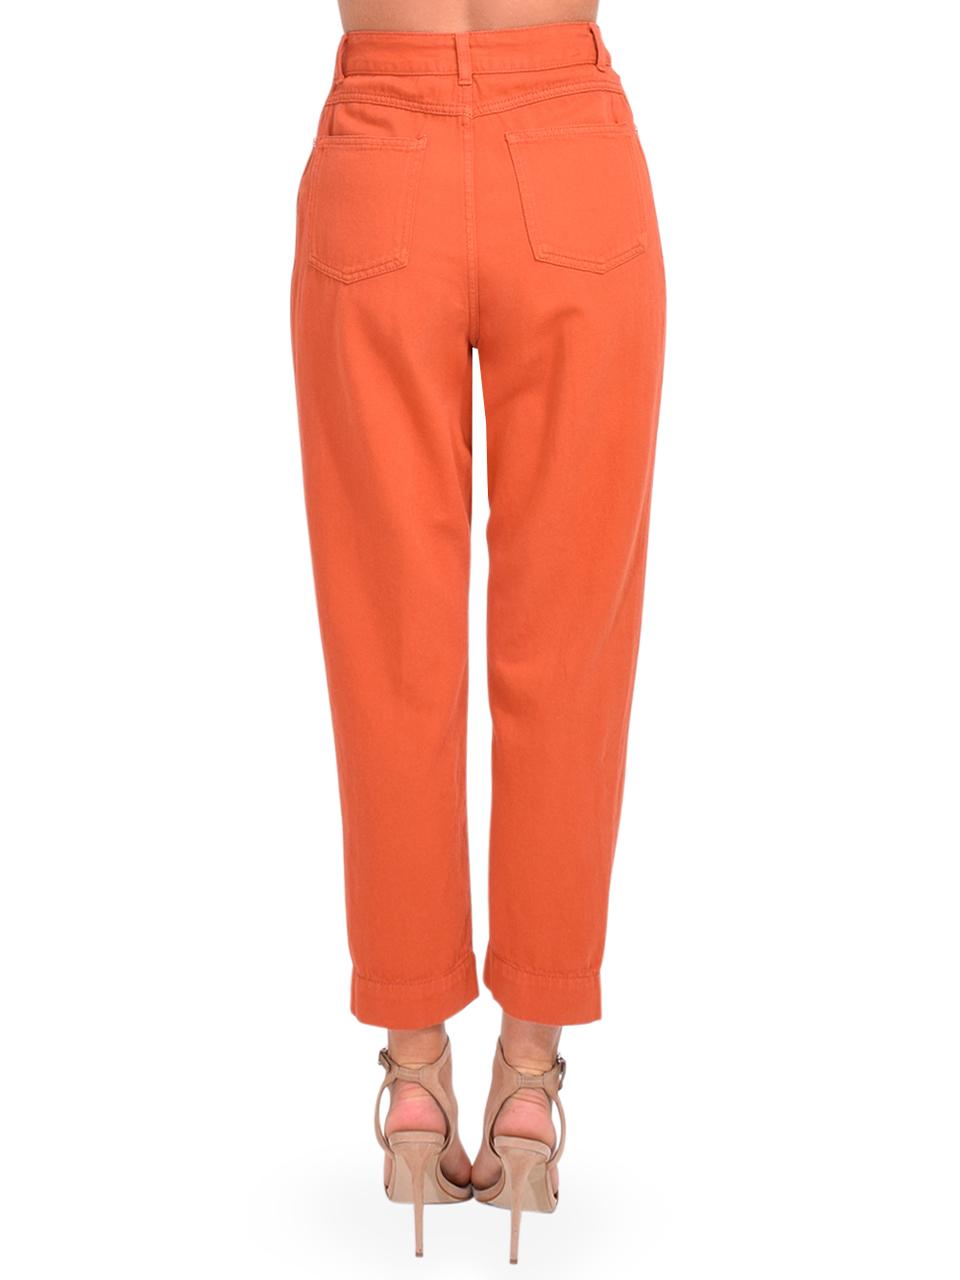 Bellerose Pleaty Jeans in Terracotta Back View